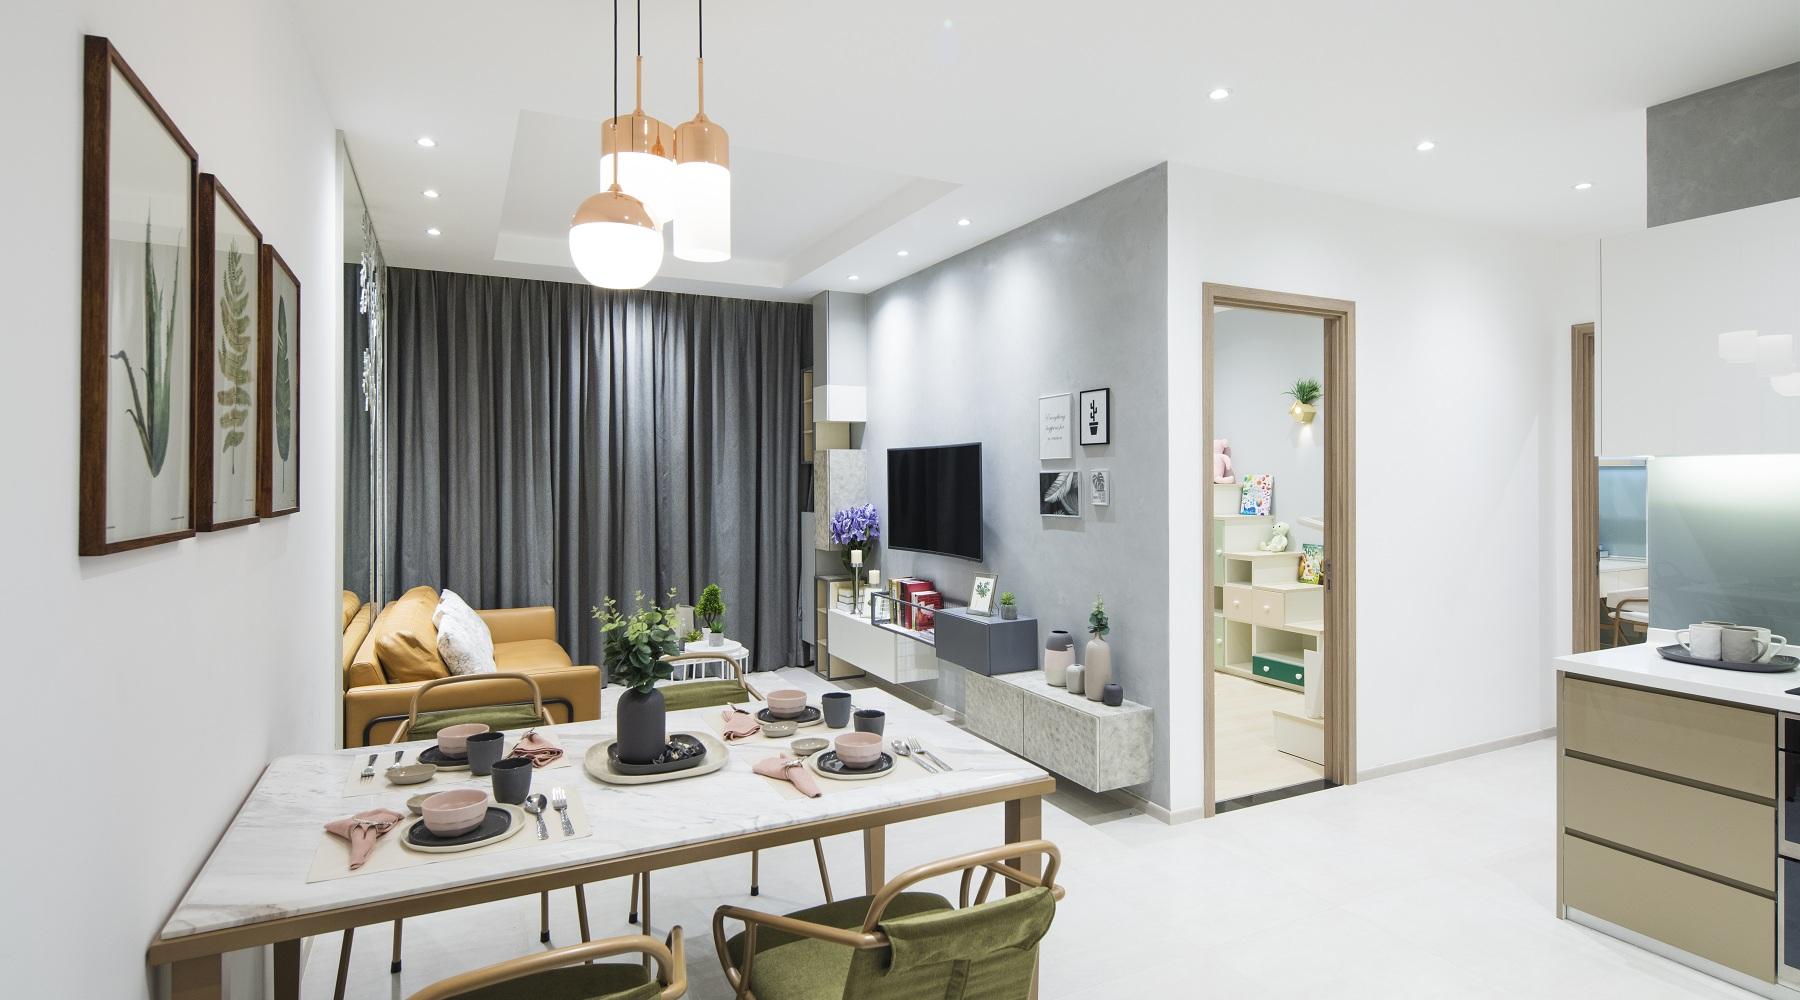 Cùng so sánh lợi nhuận cho thuê căn hộ Hà Nội & TpHCM